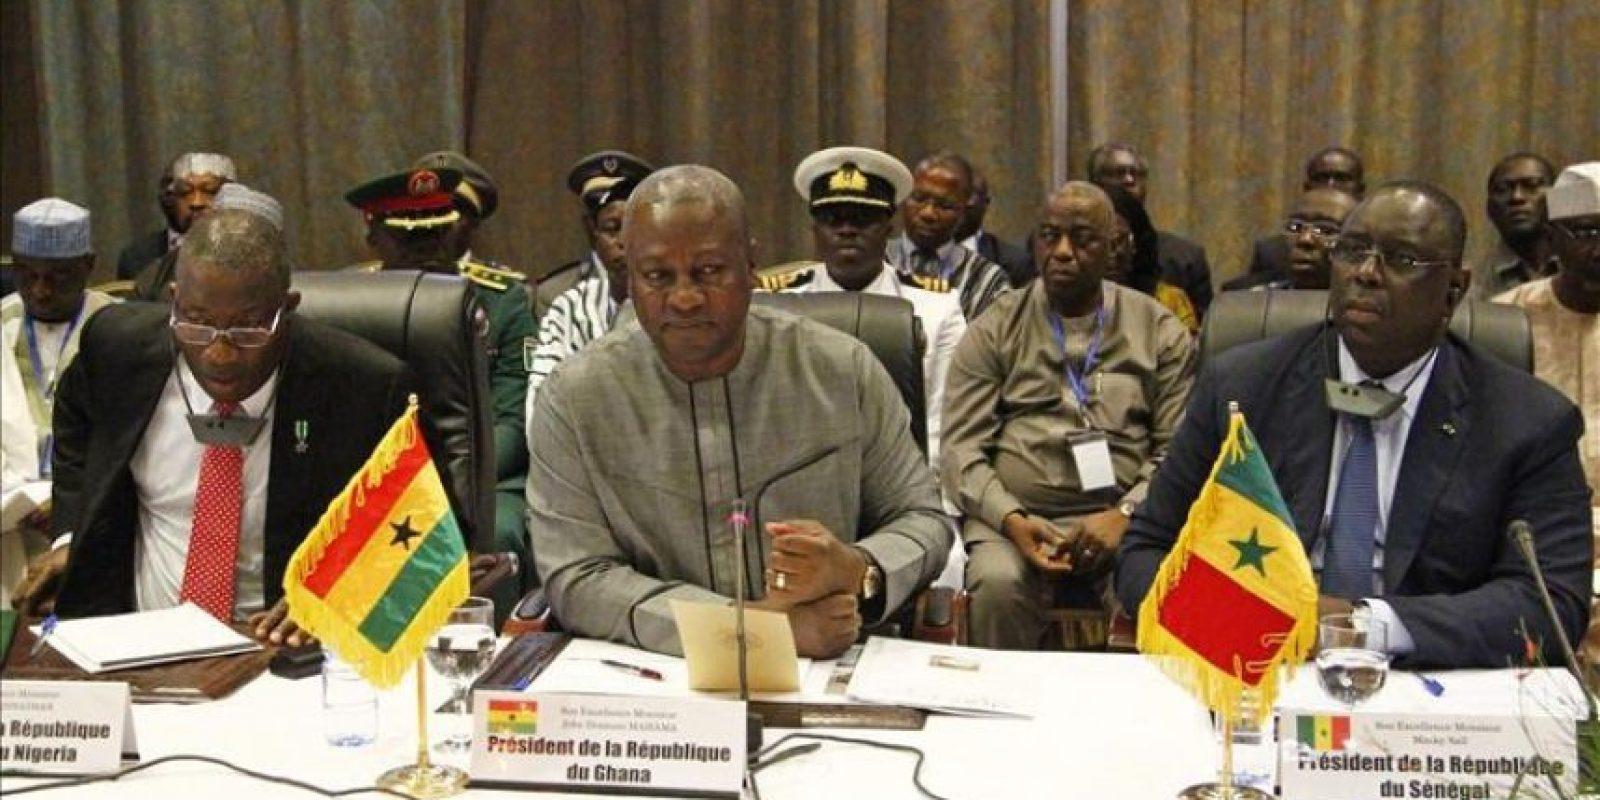 El presidente de Ghana, John Mahama Dramani (c), el presidente de Senegal, Macky Sall (d), y el presidente de Nigeria, Goodluck Jonathan (i), participan en la reunión del jefe de Estado interino de Burkina Faso, el teniente coronel Isaac Zida (no visible en la foto), con los líderes de la Comisión de la Comunidad Económica de Estados del África Occidental (CEDEAO). Líderes de la CEDEAO llegaron hoy a Uagadugú para mediar en la crisis abierta en Burkina Faso tras la dimisión de Blaise Compaoré como jefe de Estado. EFE